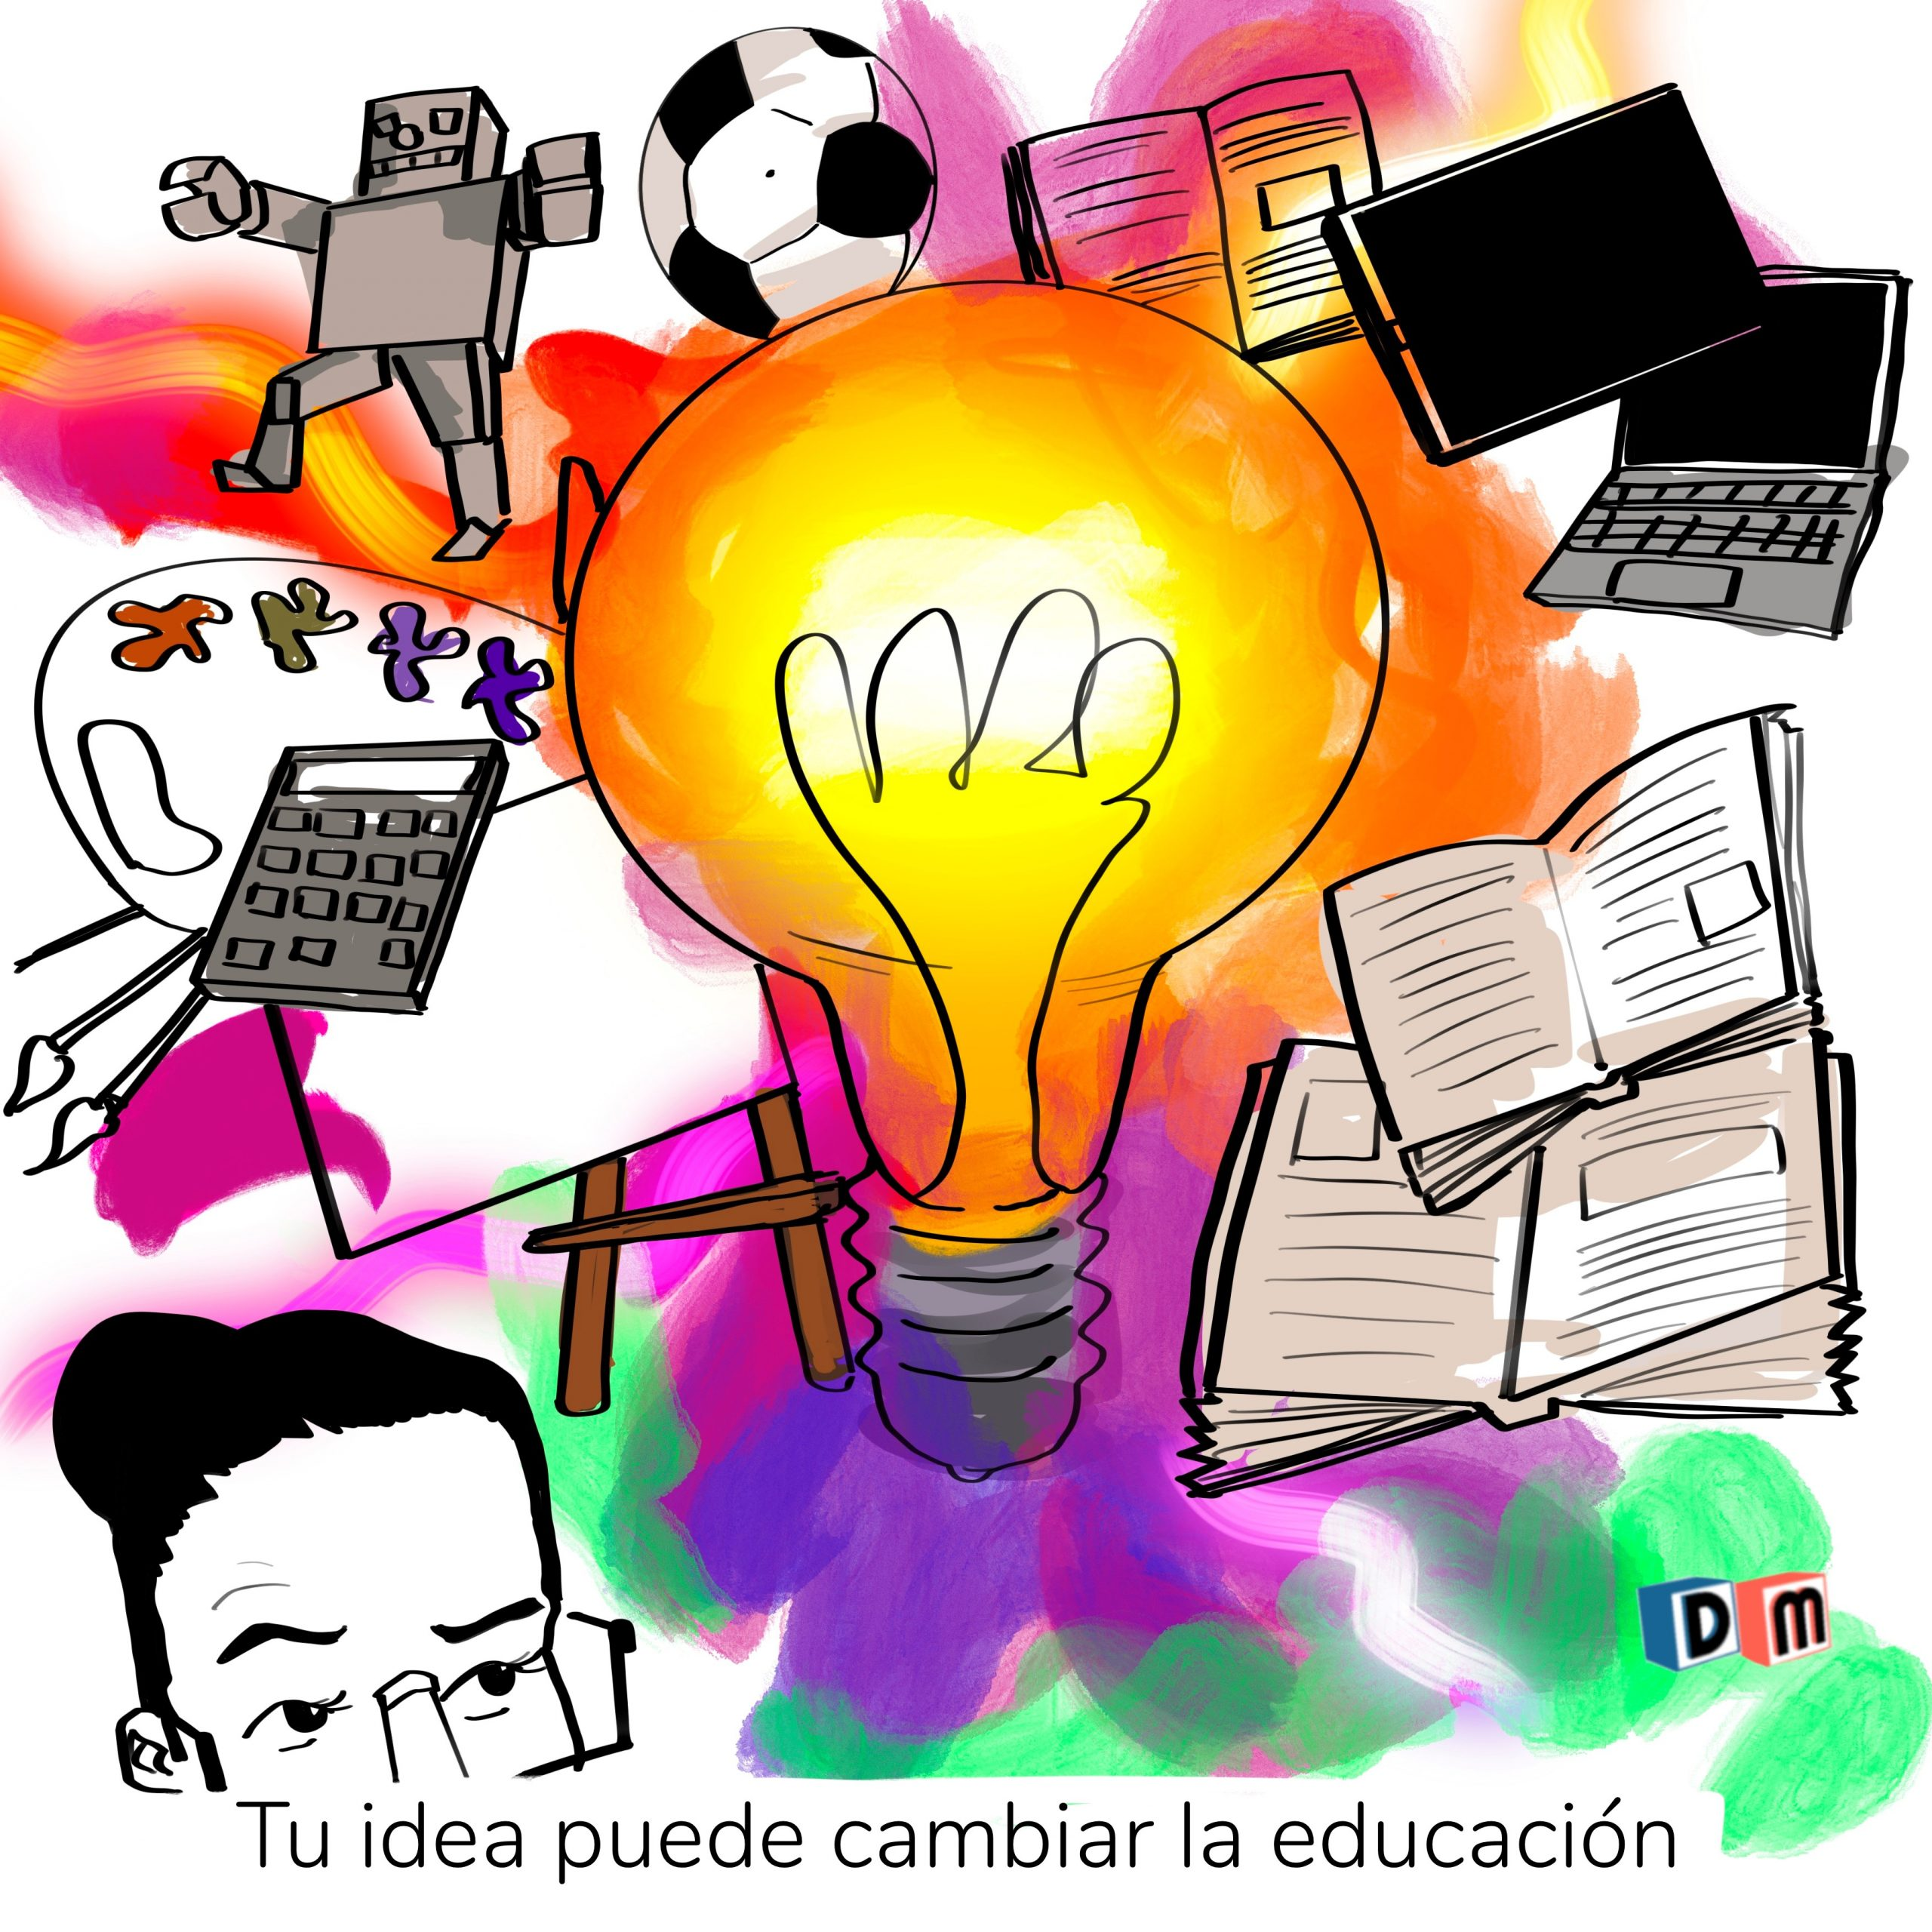 David Mora_Viñeta 36_Tu idea puede cambiar la educación